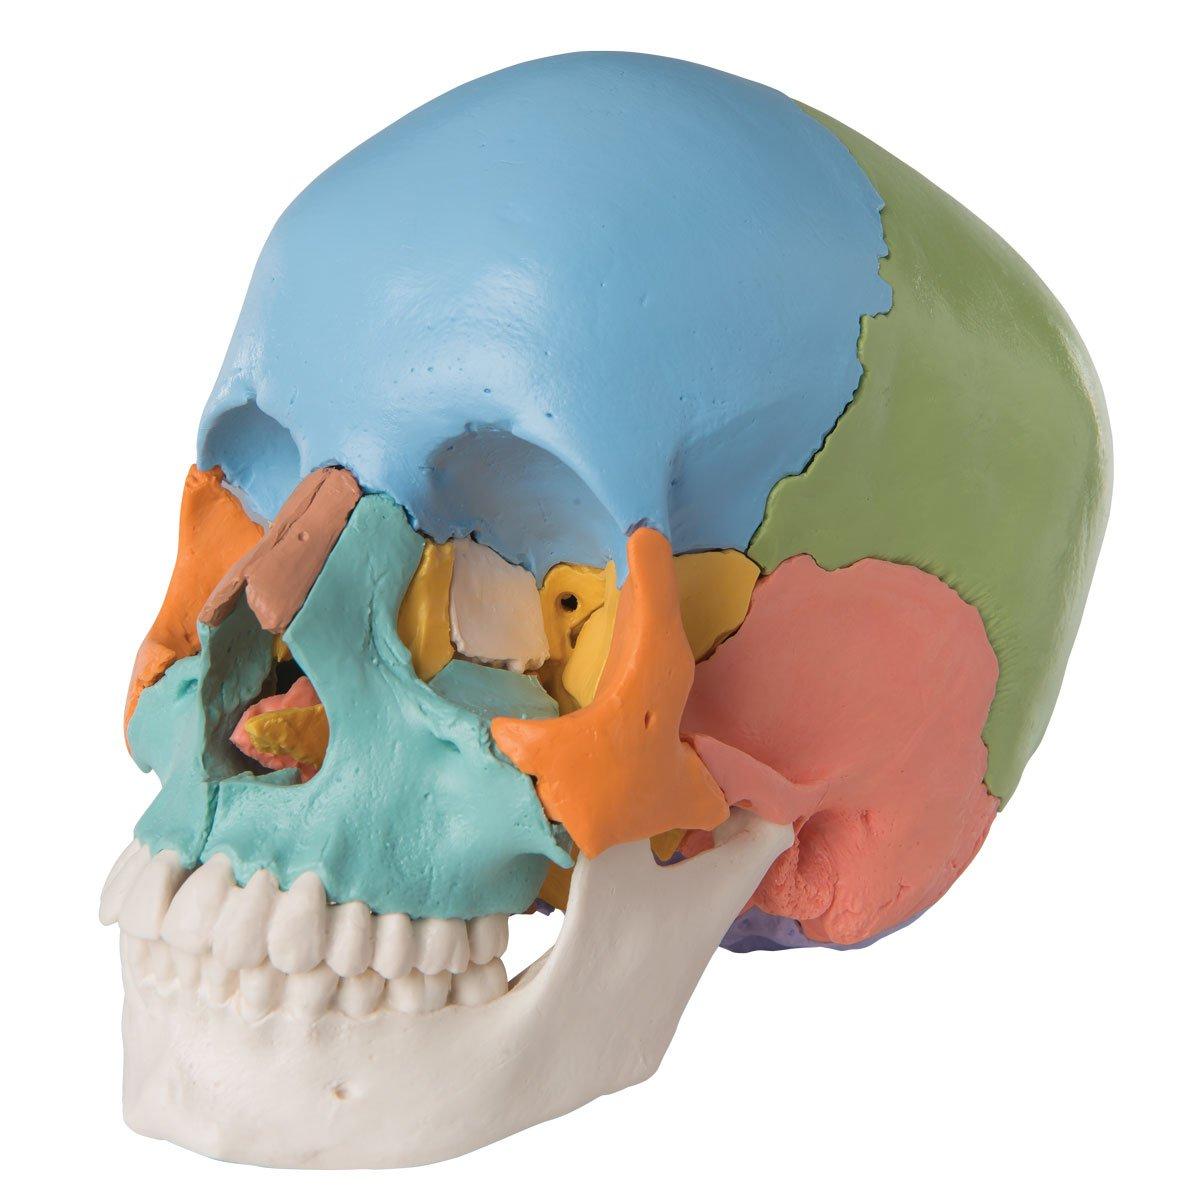 新しい到着 頭蓋骨22分解キット,マルチカラー仕様 B007ND1OAW B007ND1OAW, 庄和町:d3572957 --- a0267596.xsph.ru